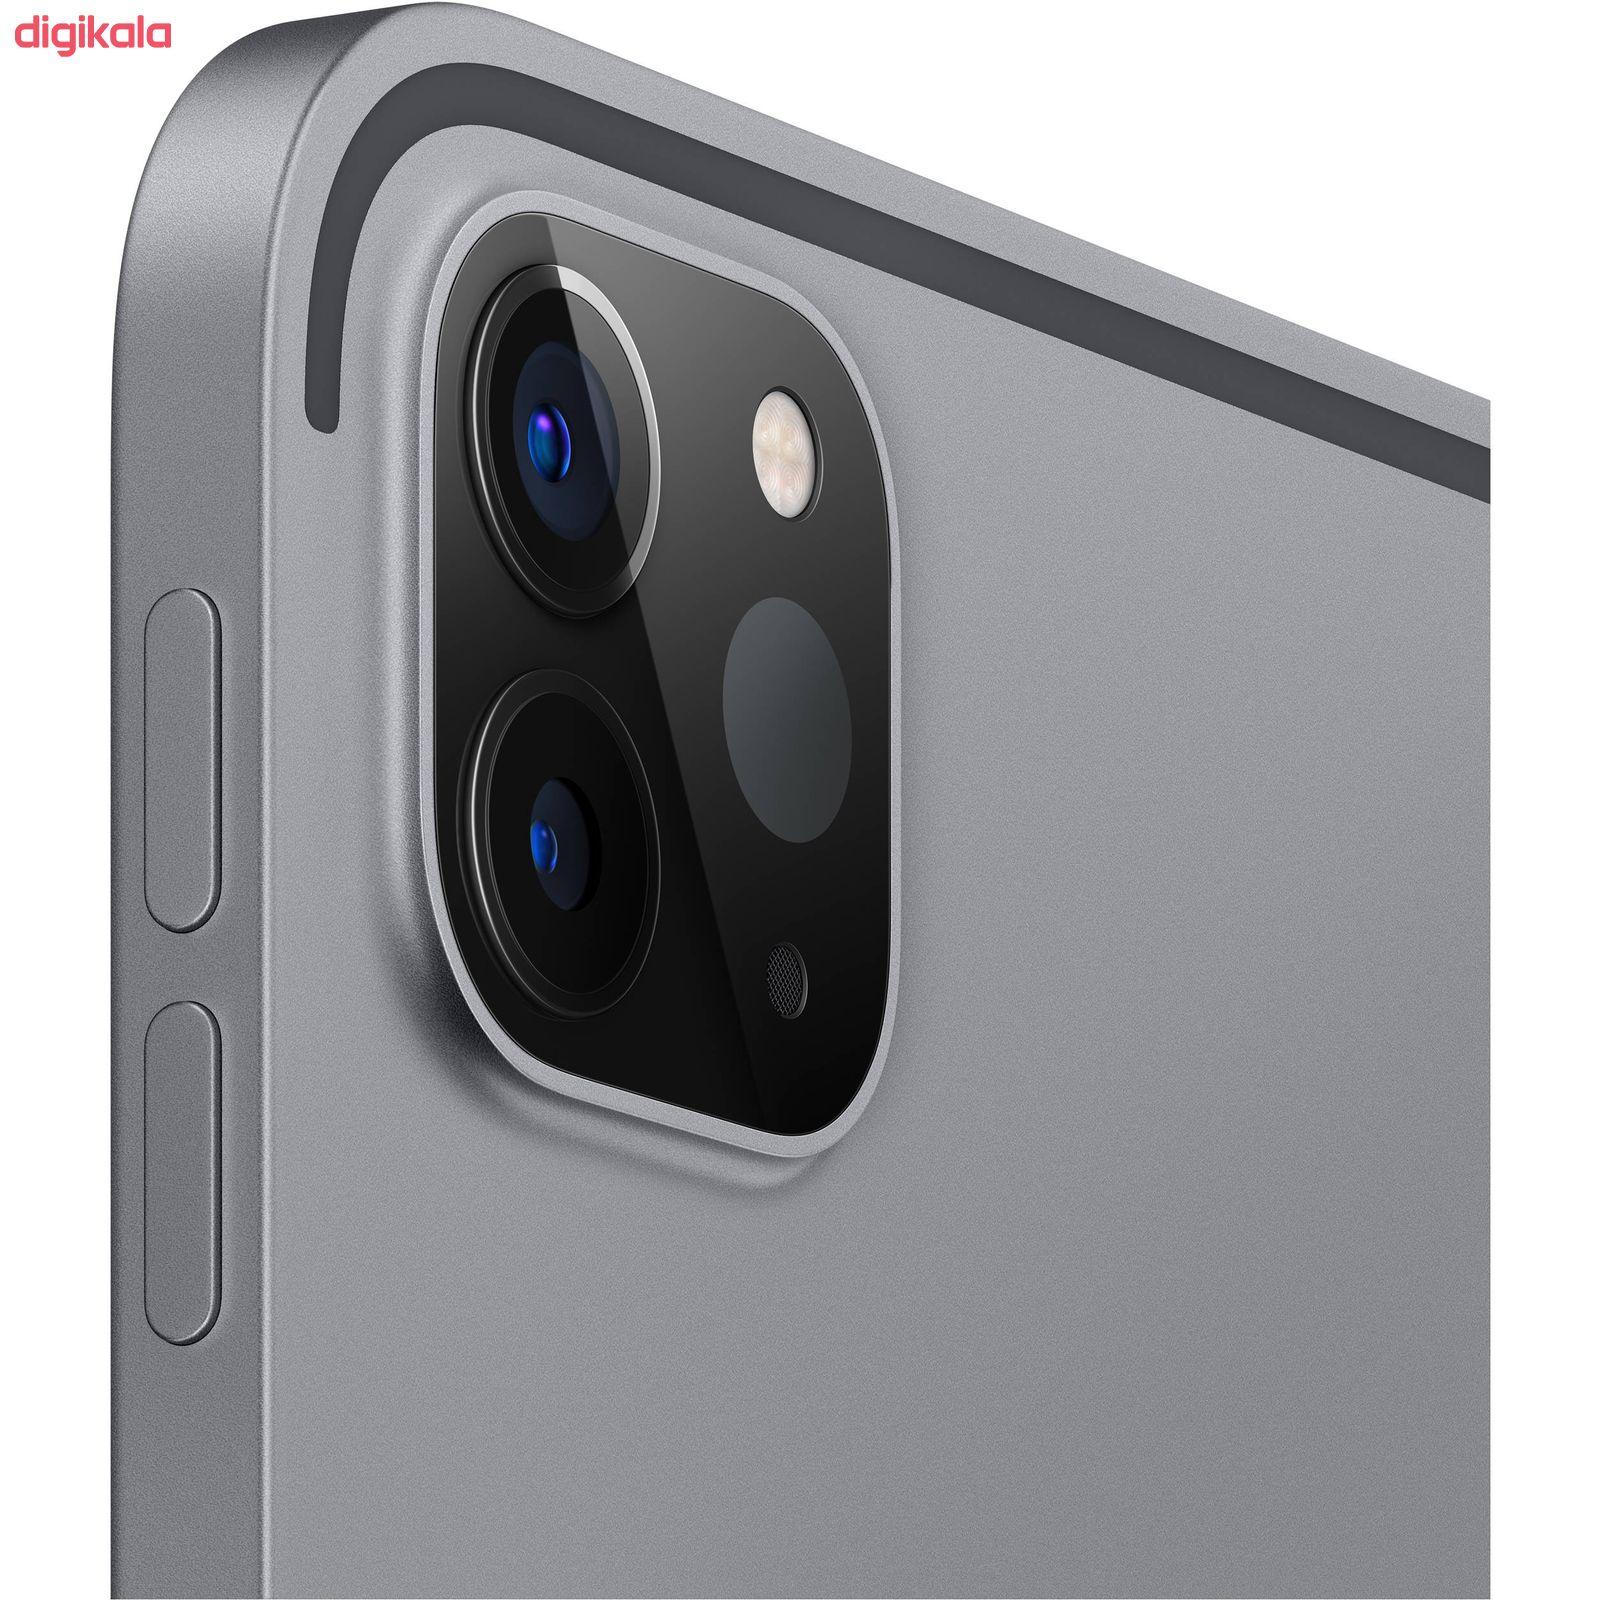 تبلت اپل مدل iPad Pro 2020 12.9 inch WiFi ظرفیت 128 گیگابایت  main 1 4